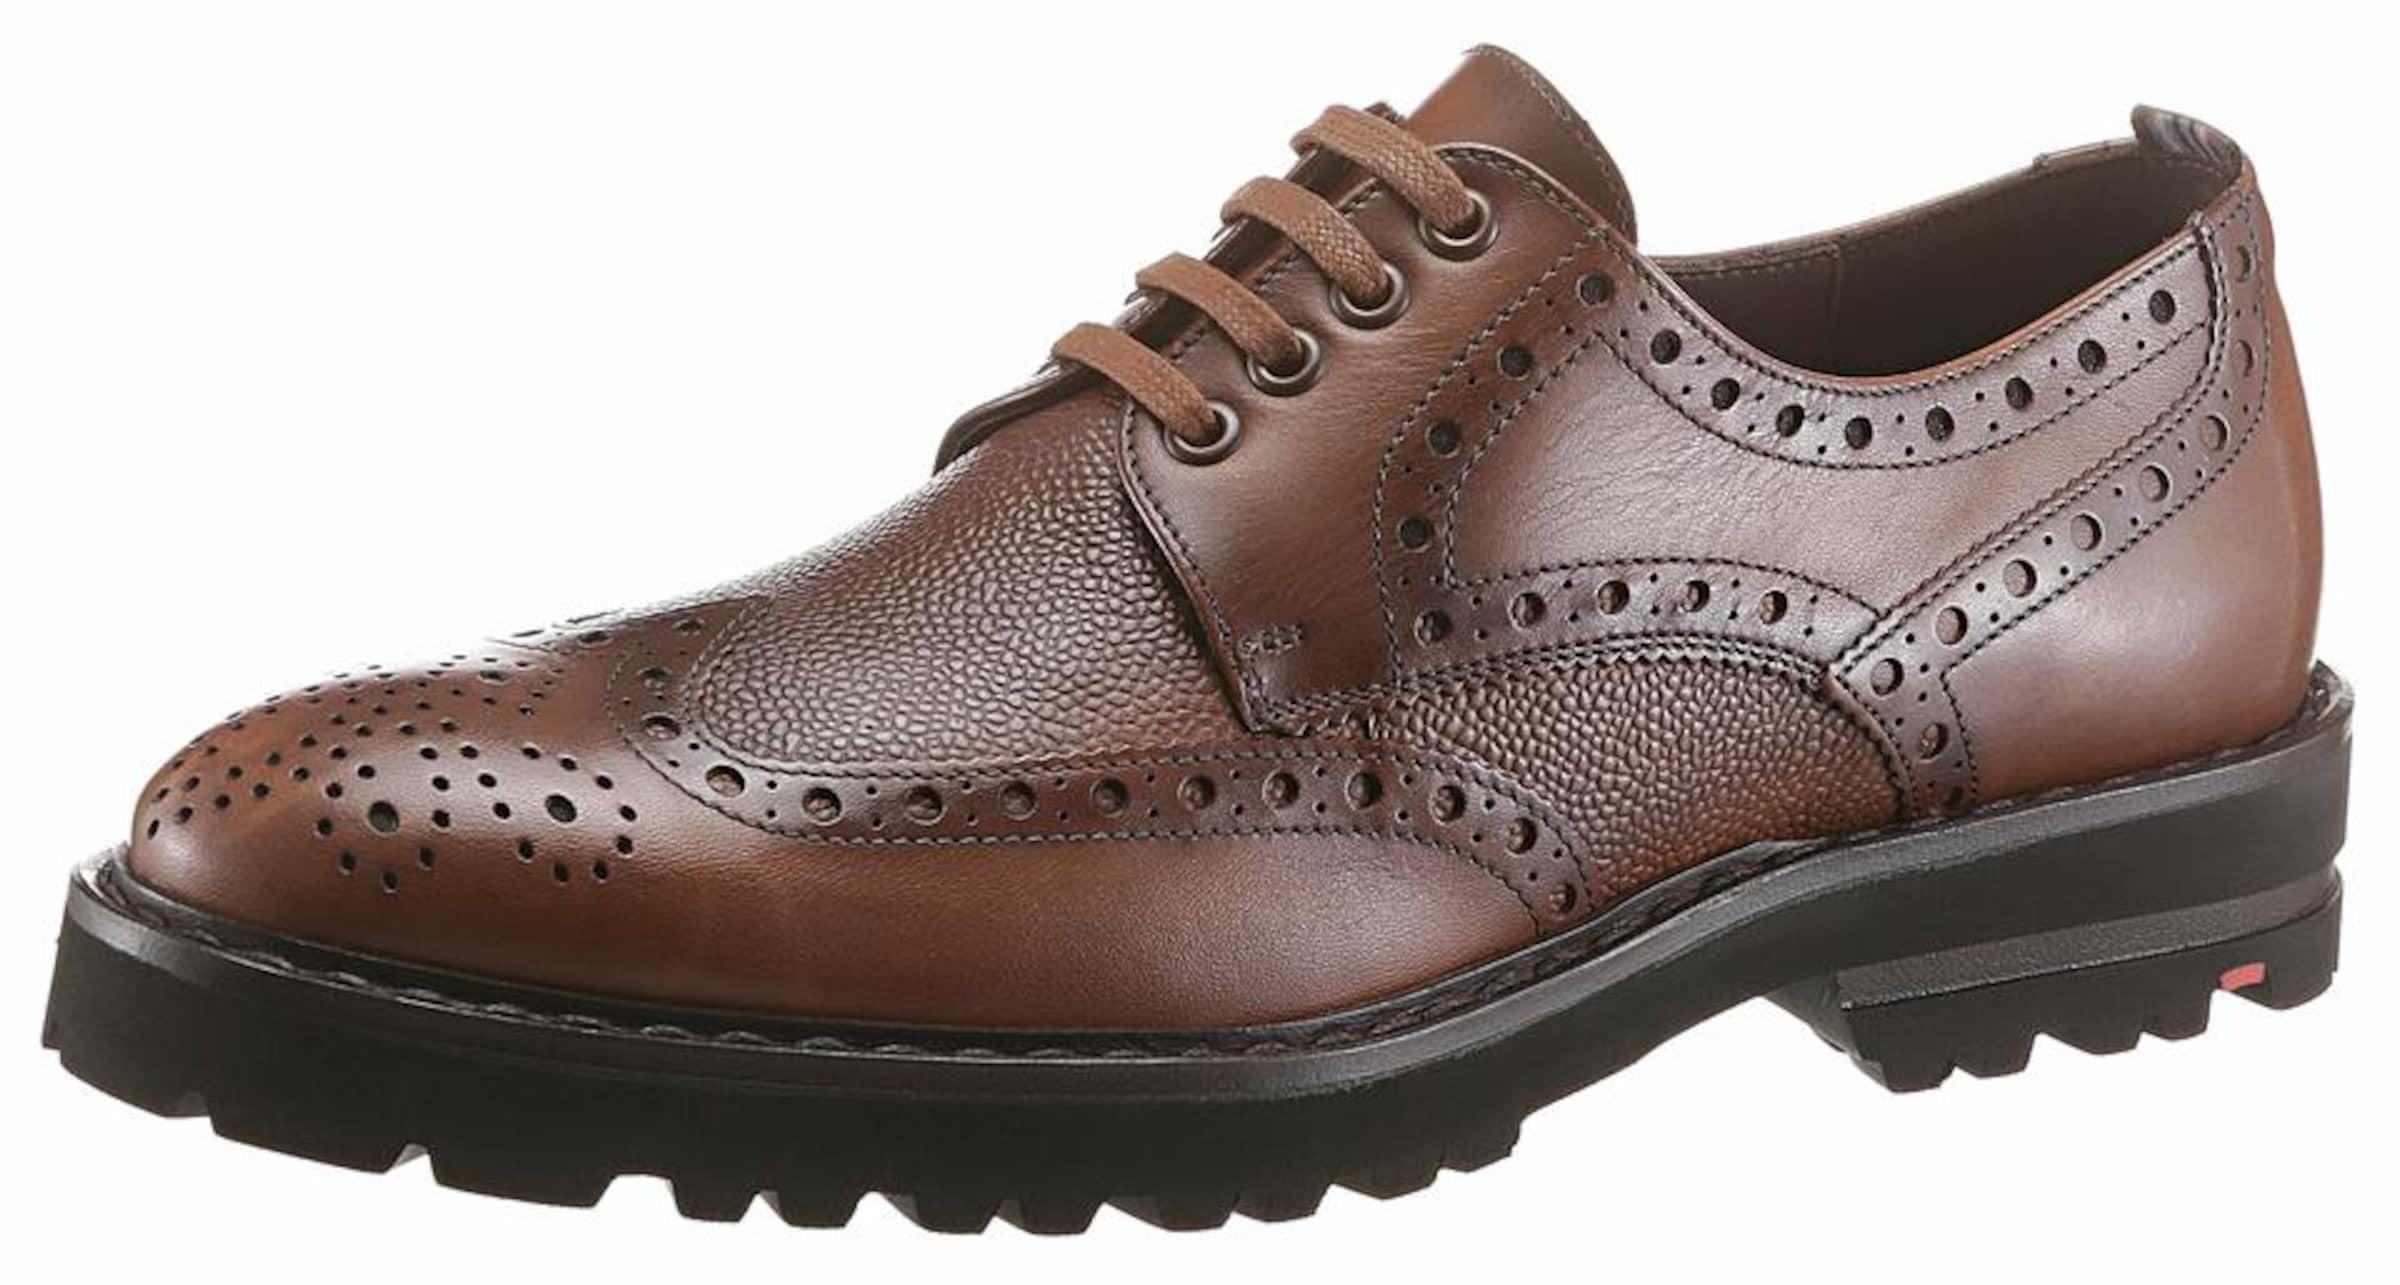 LLOYD Schnürschuh Verschleißfeste billige Schuhe Hohe Qualität